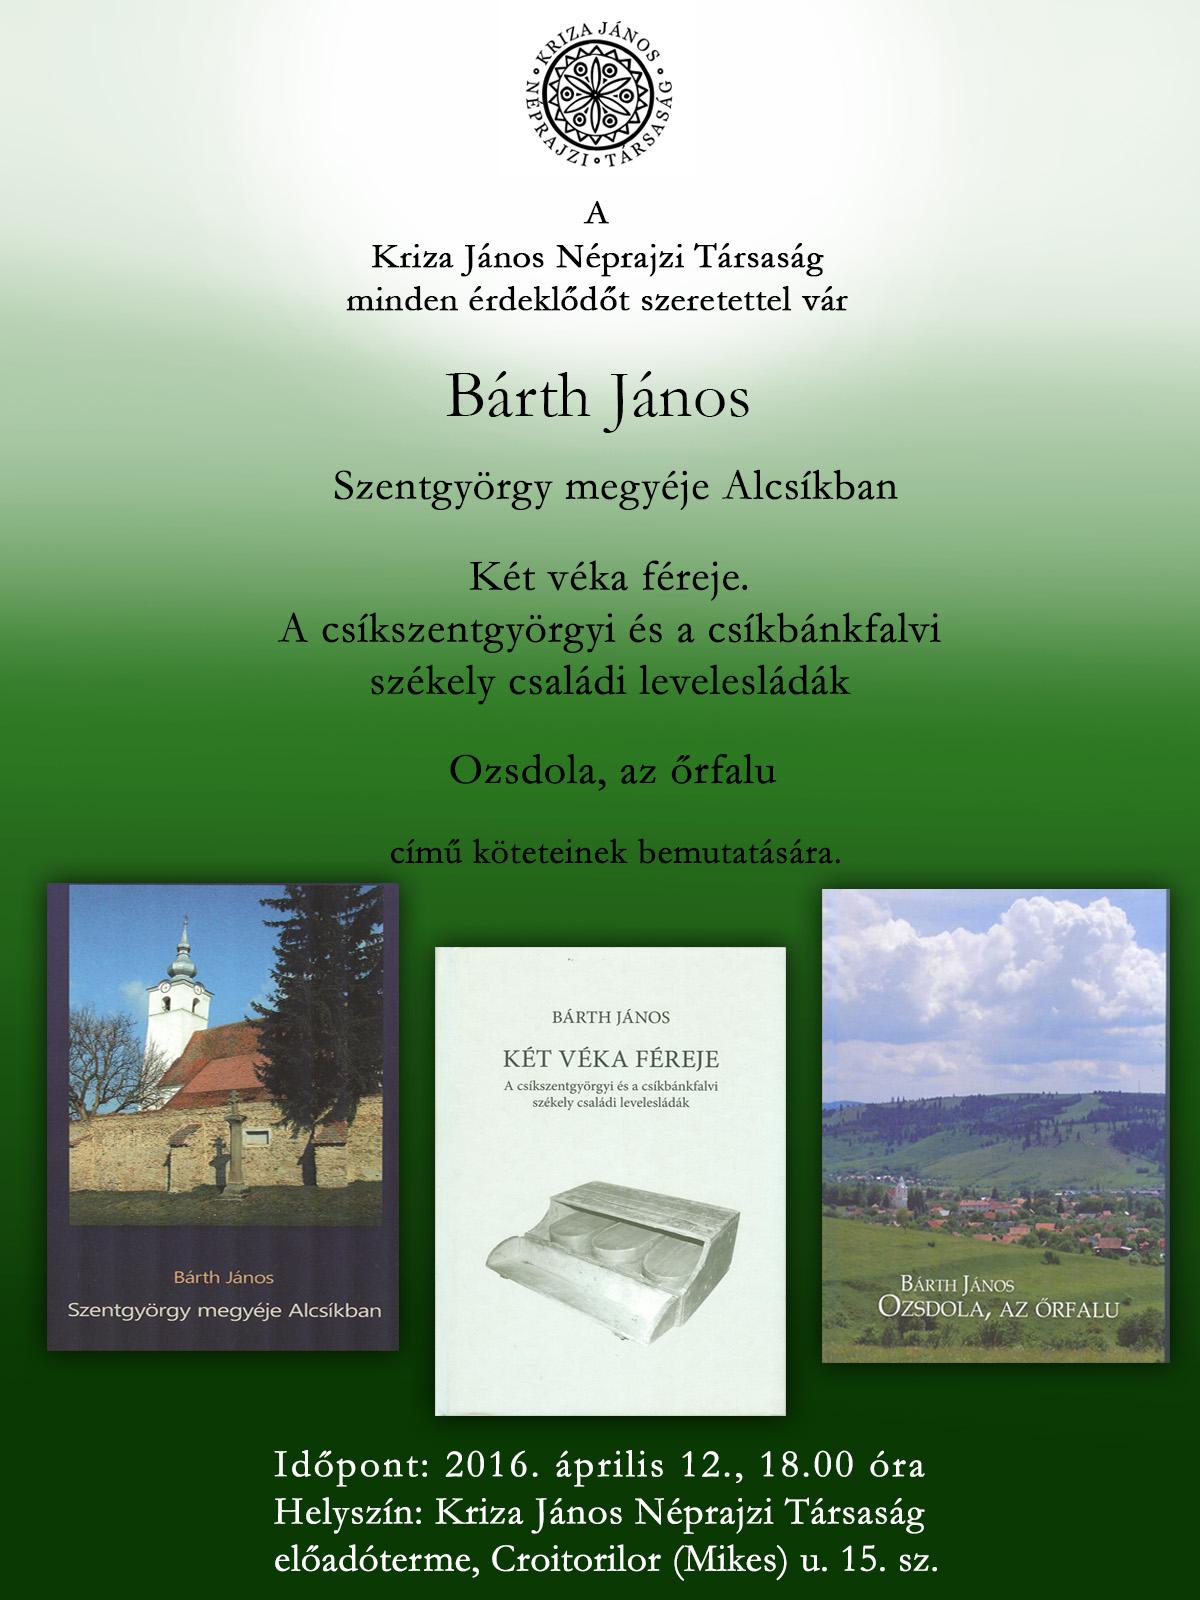 Bárth János könyveinek bemutatója